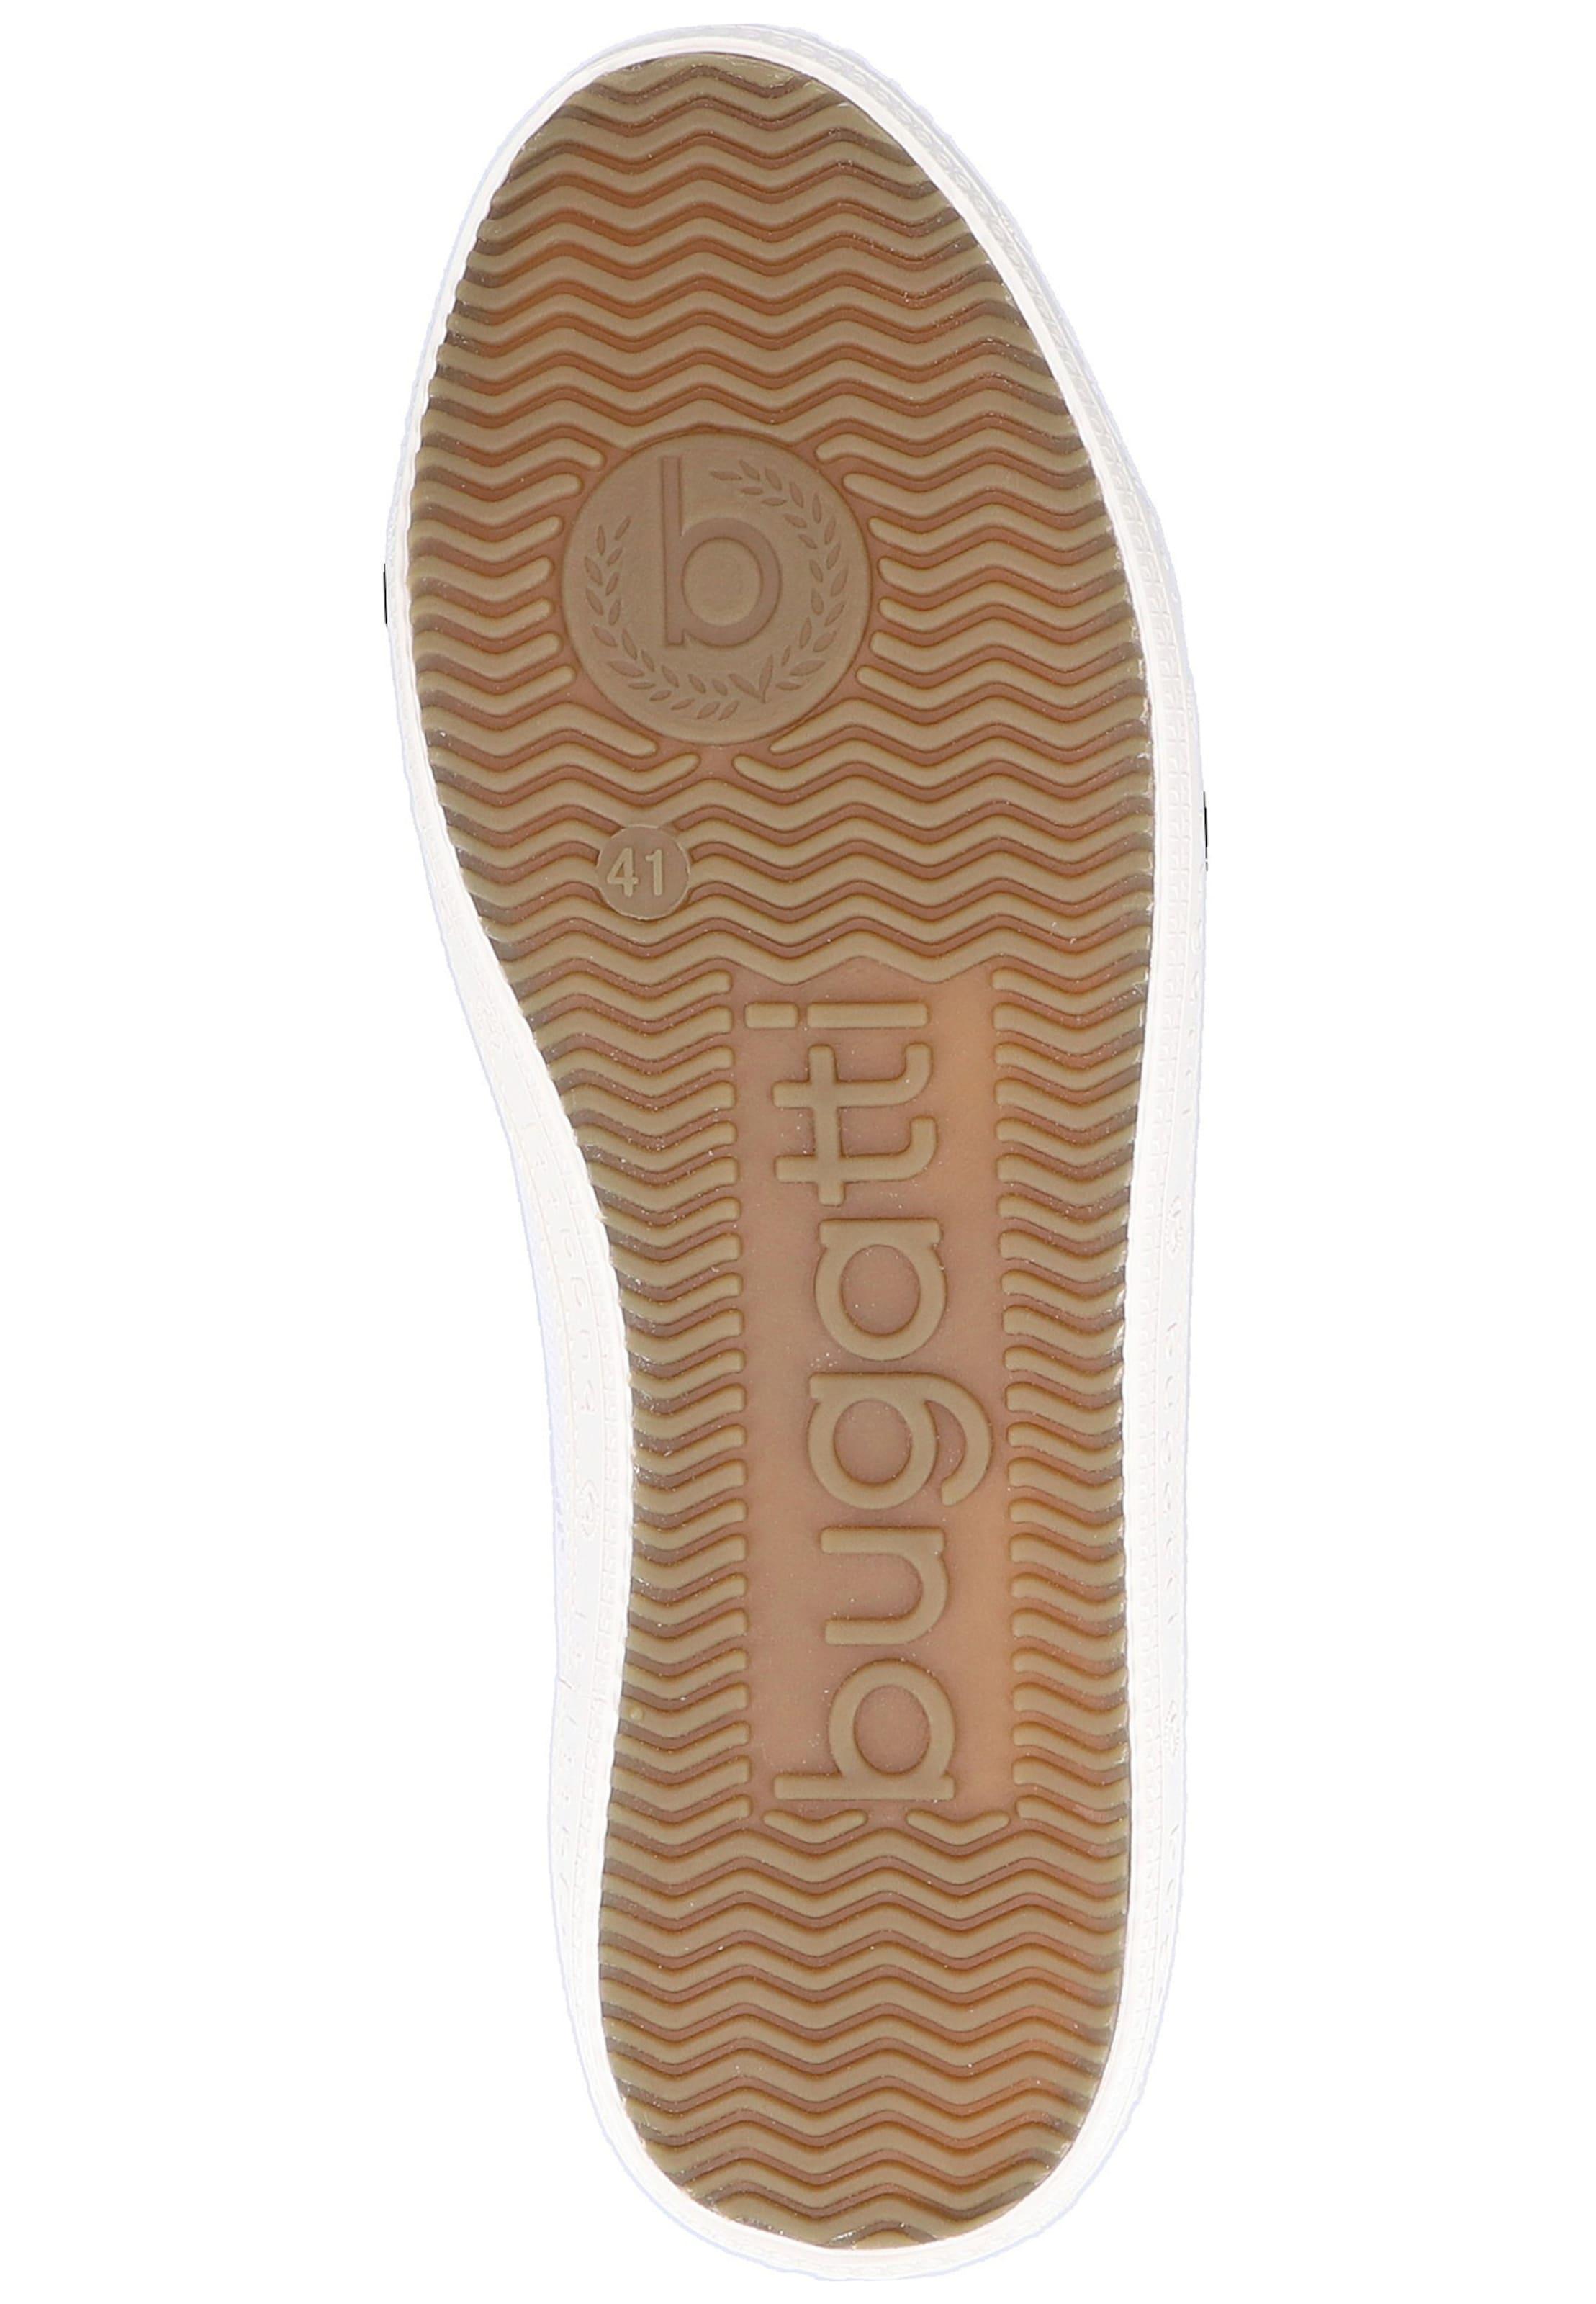 DunkelblauWeiß Bugatti Sneaker In Bugatti DunkelblauWeiß Sneaker In In DunkelblauWeiß Bugatti Bugatti Sneaker TKF13lJc